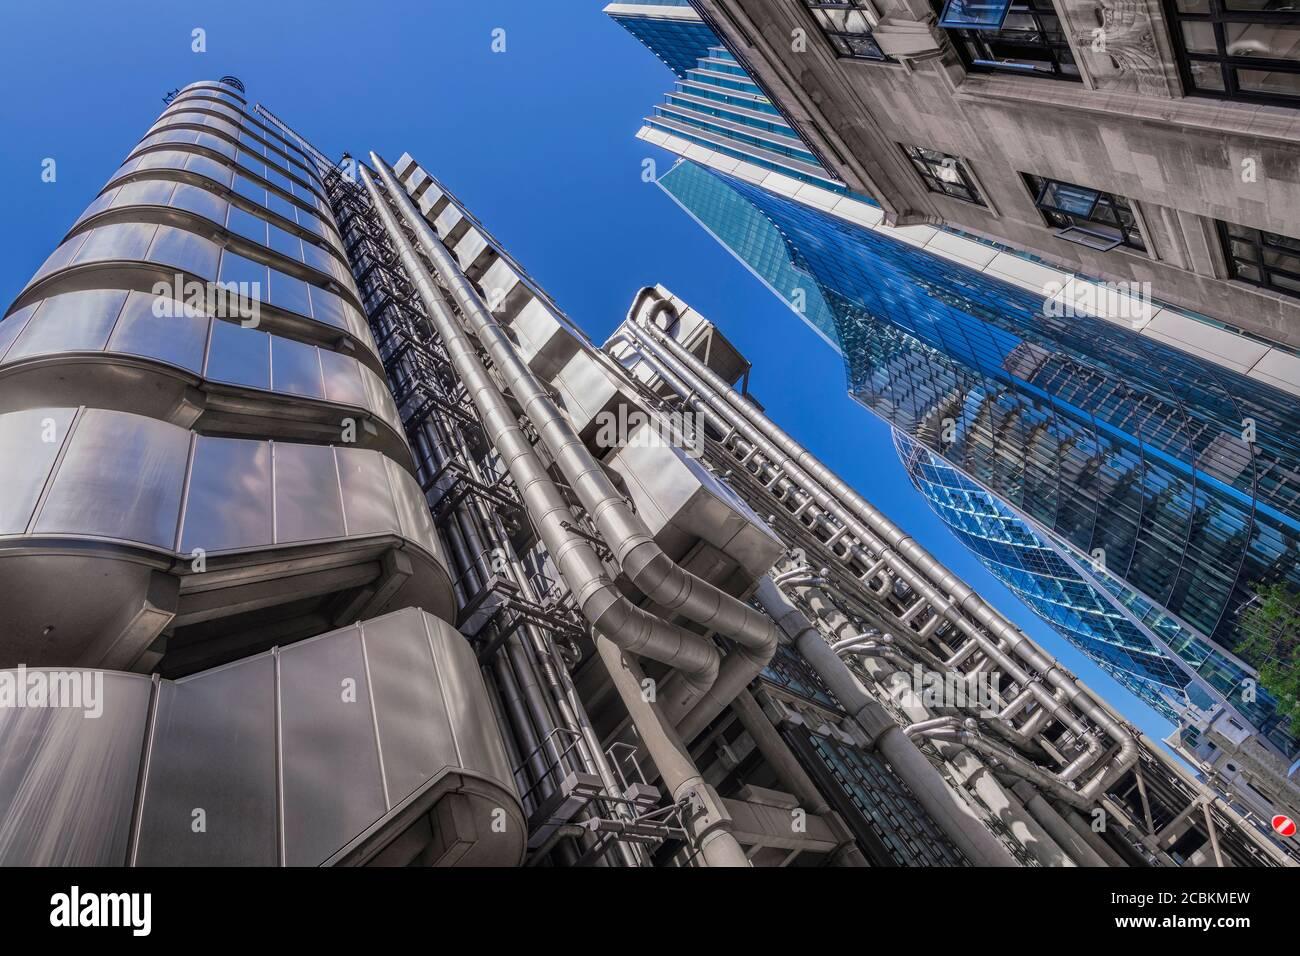 Inglaterra, Londres, edificio Lloyds, vista angular desde el nivel de la calle. Foto de stock